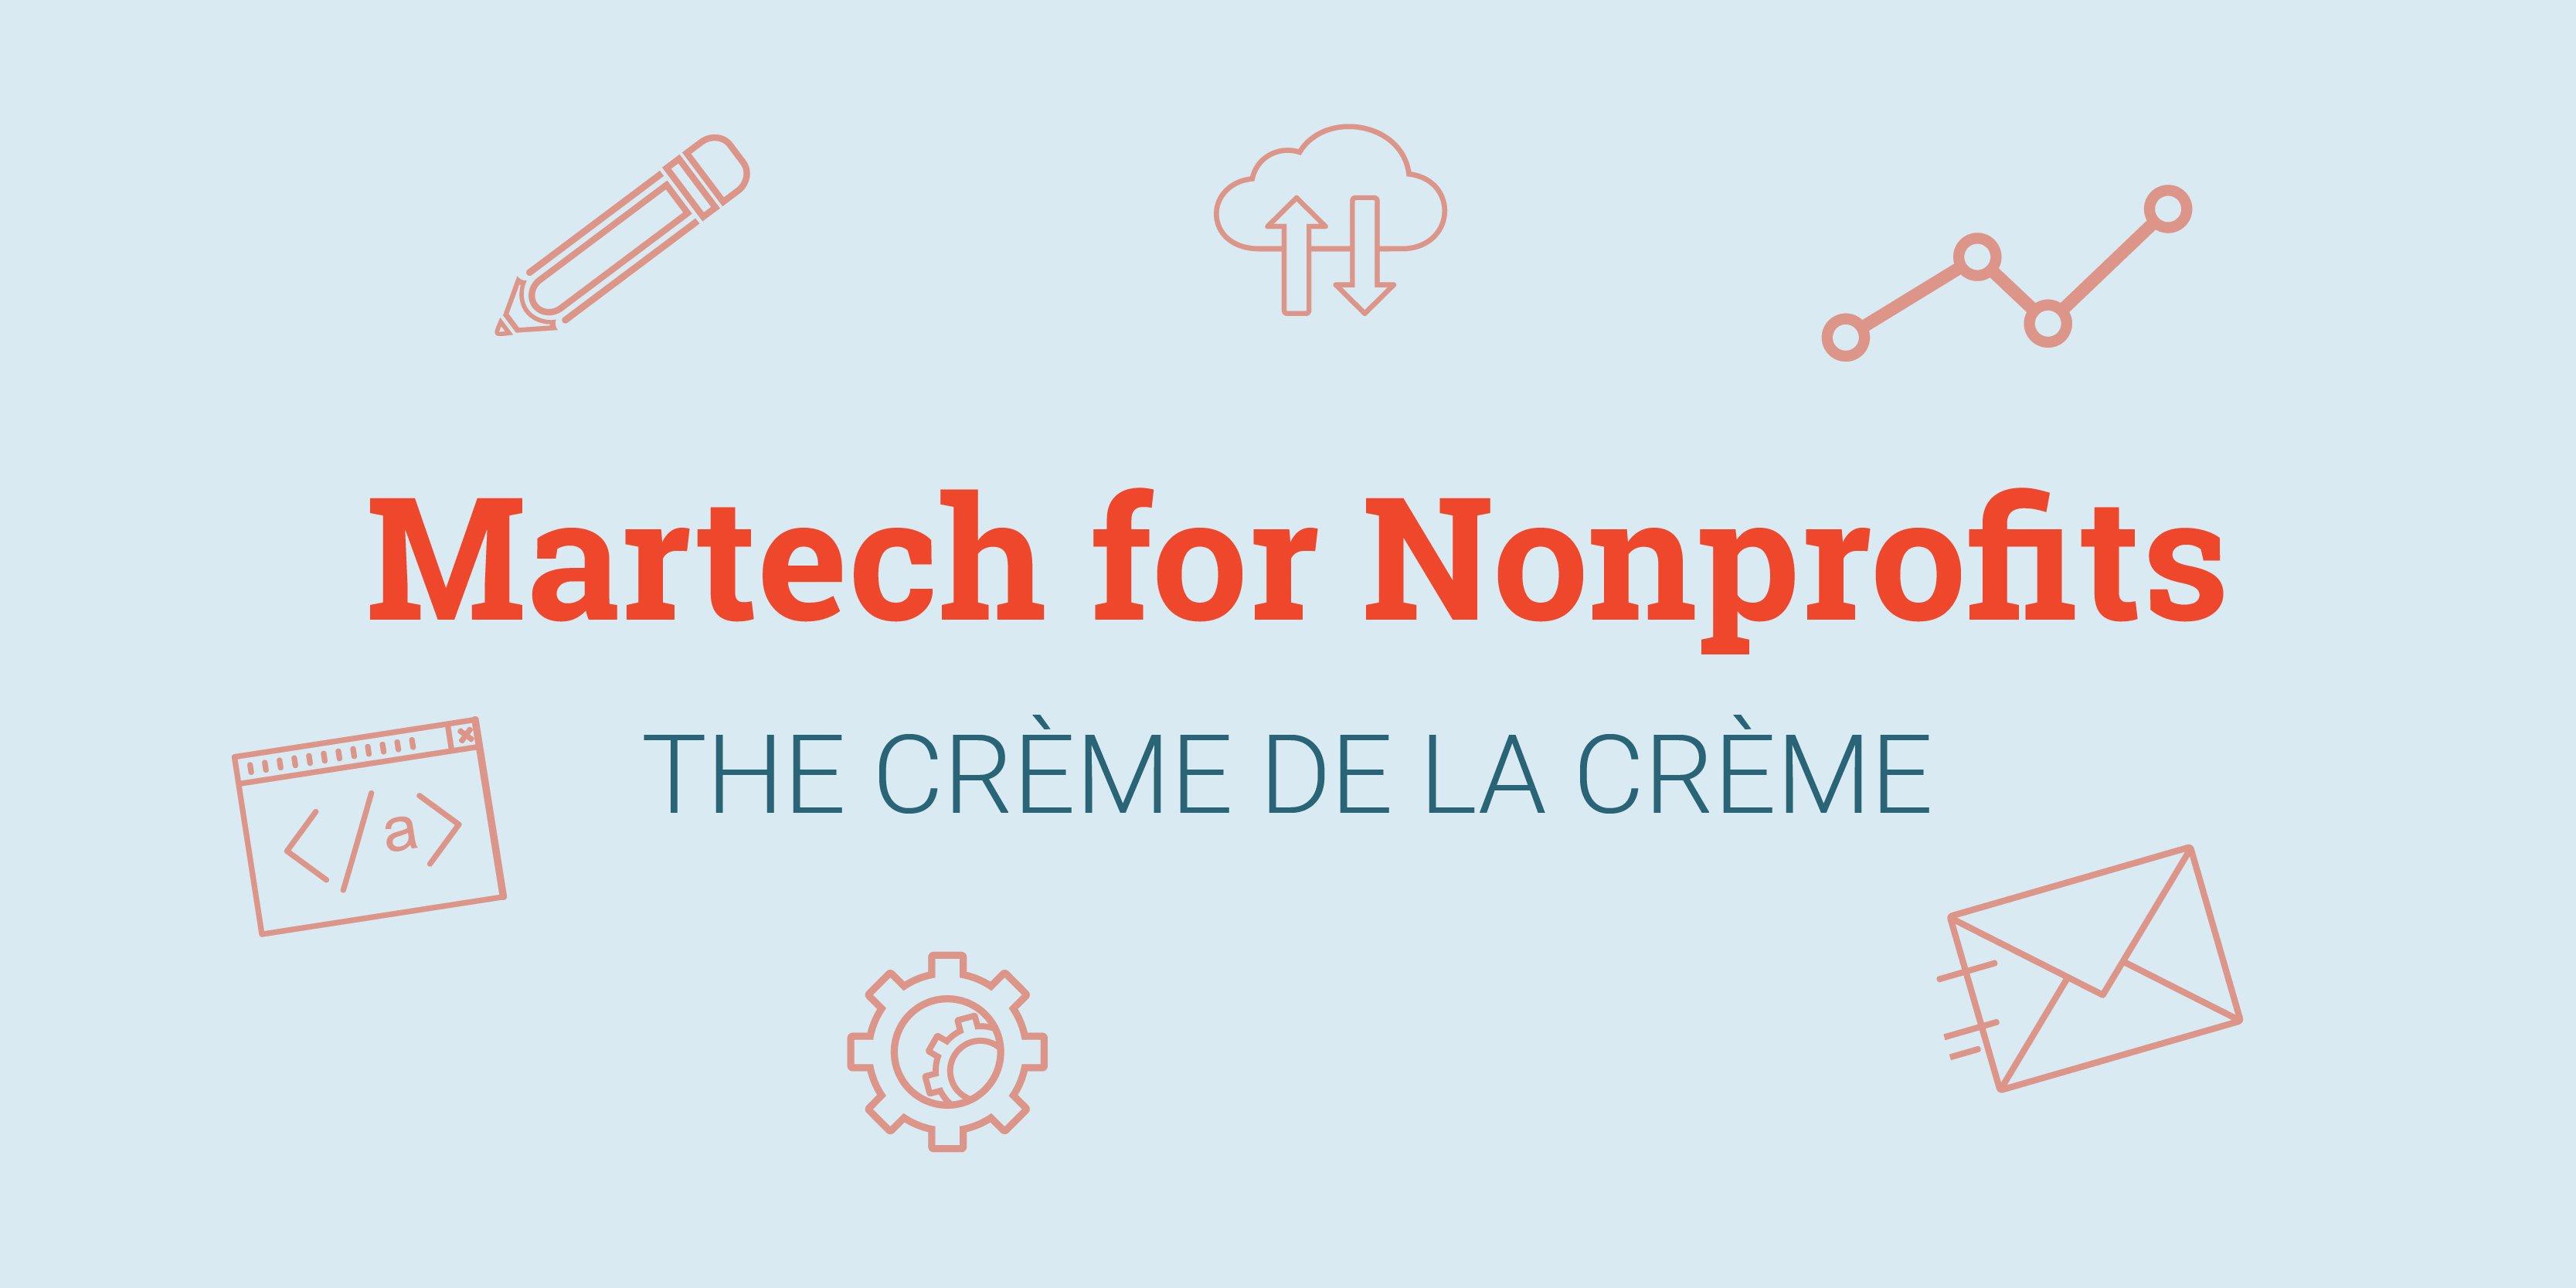 Martech for Nonprofits